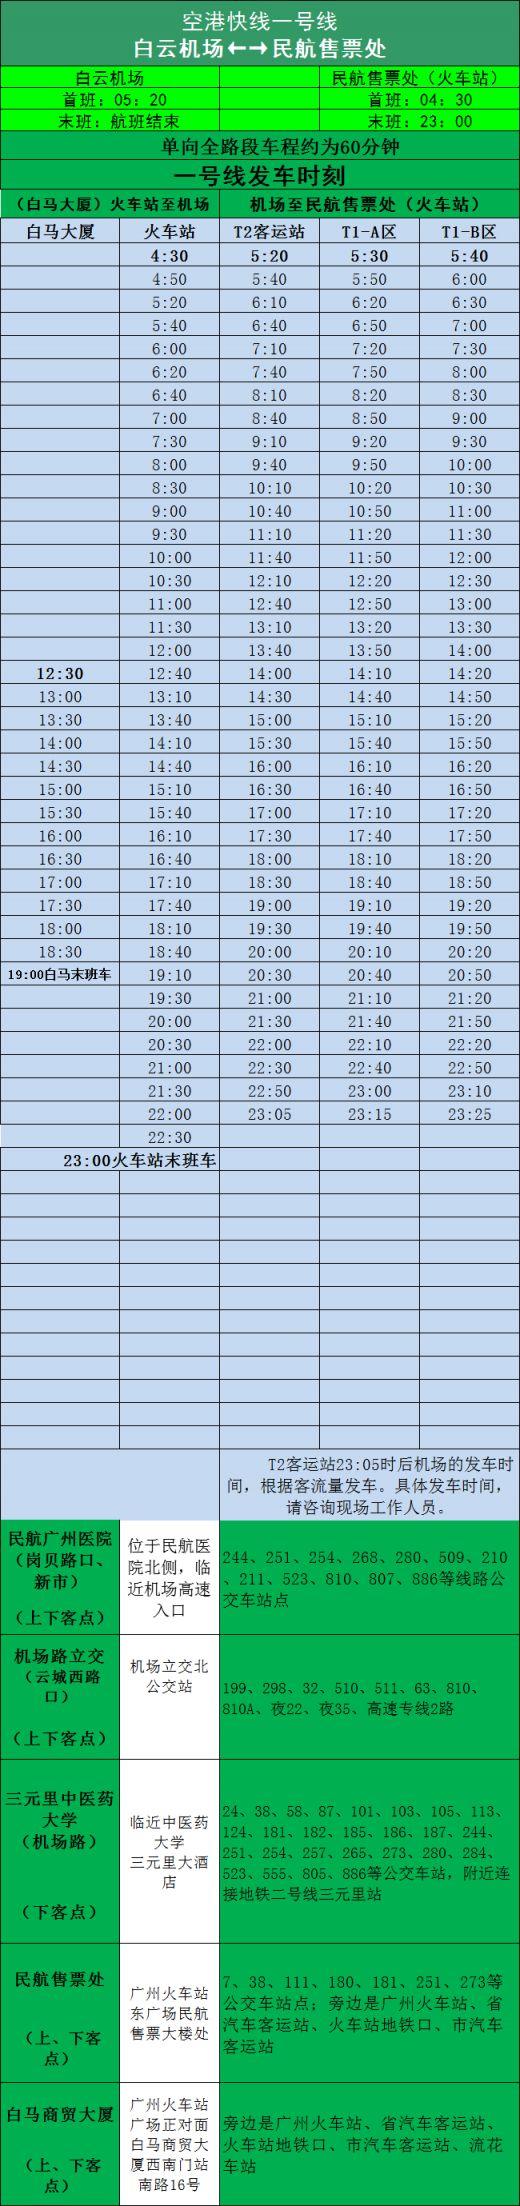 2018广州空港快线1号线时刻表、票价及路线一览